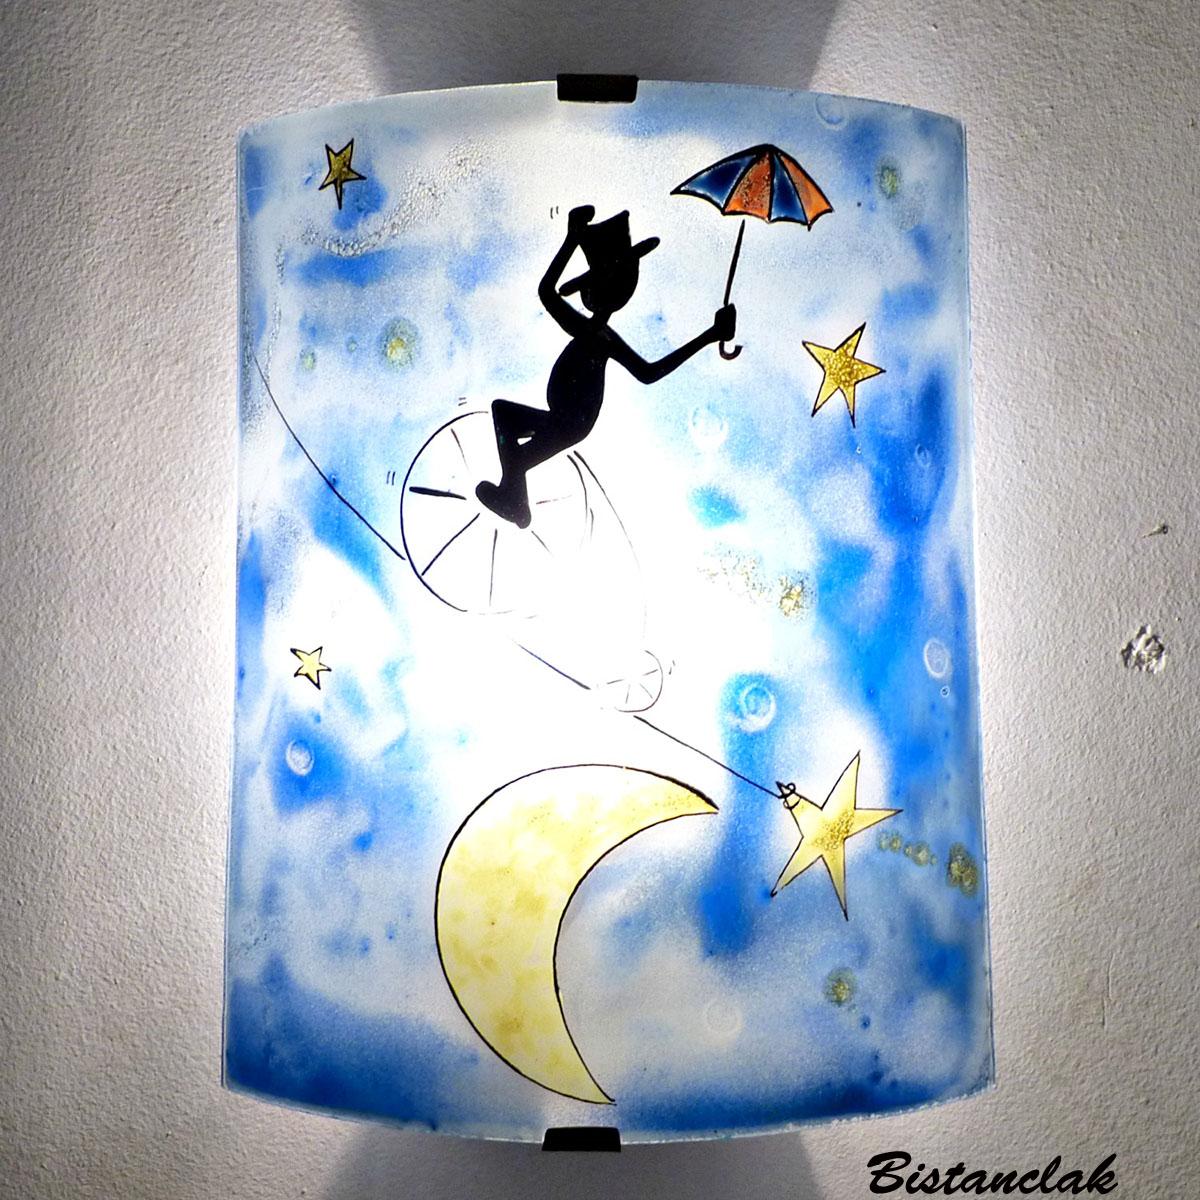 Applique motif le funambule et la lune